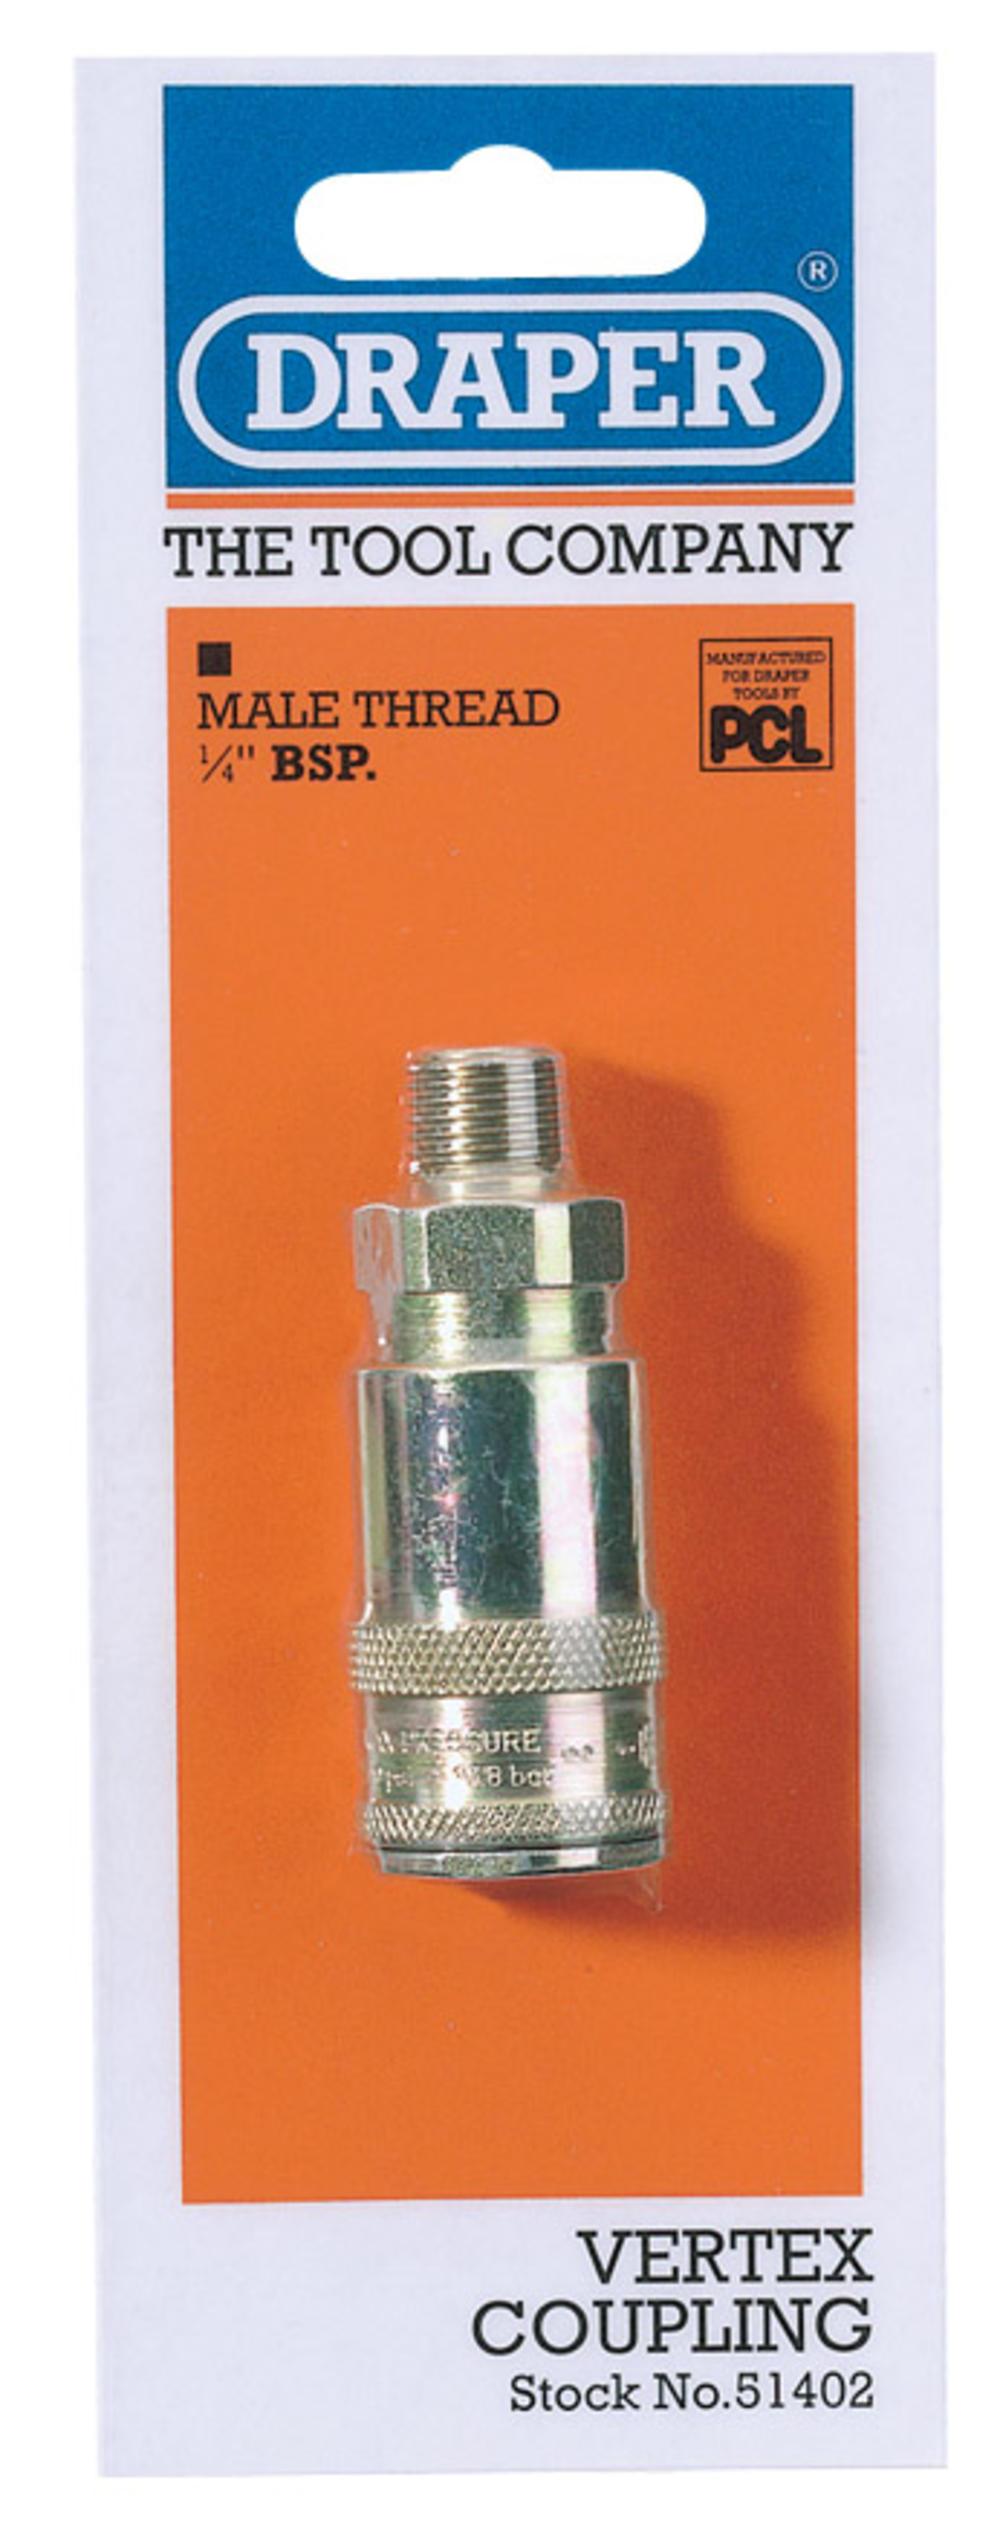 Draper 51402 A91CM02 1/4 BSP Taper Male Thread Vertex Air Coupling